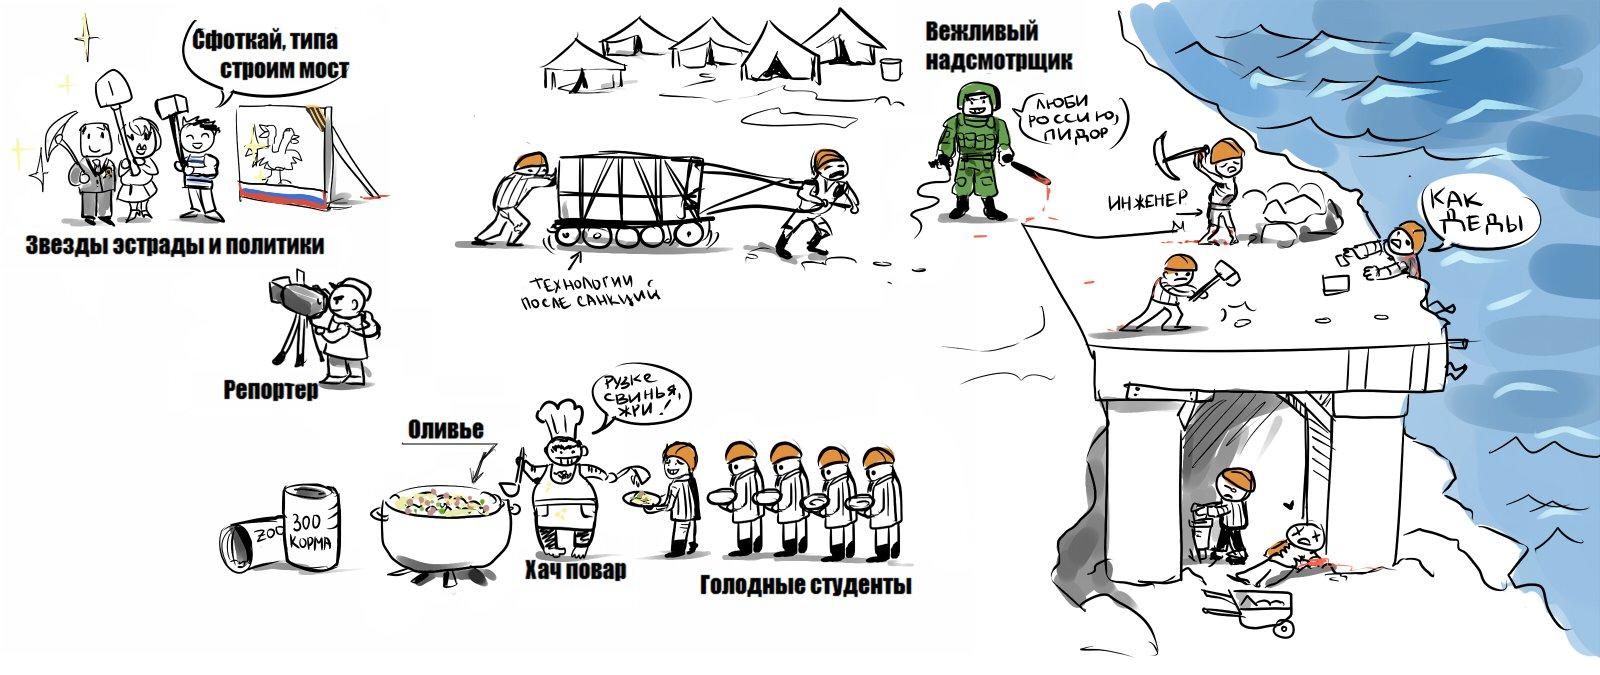 Оккупационные власти Крыма признали, что не могут обеспечить полуостров продуктами - Цензор.НЕТ 6041